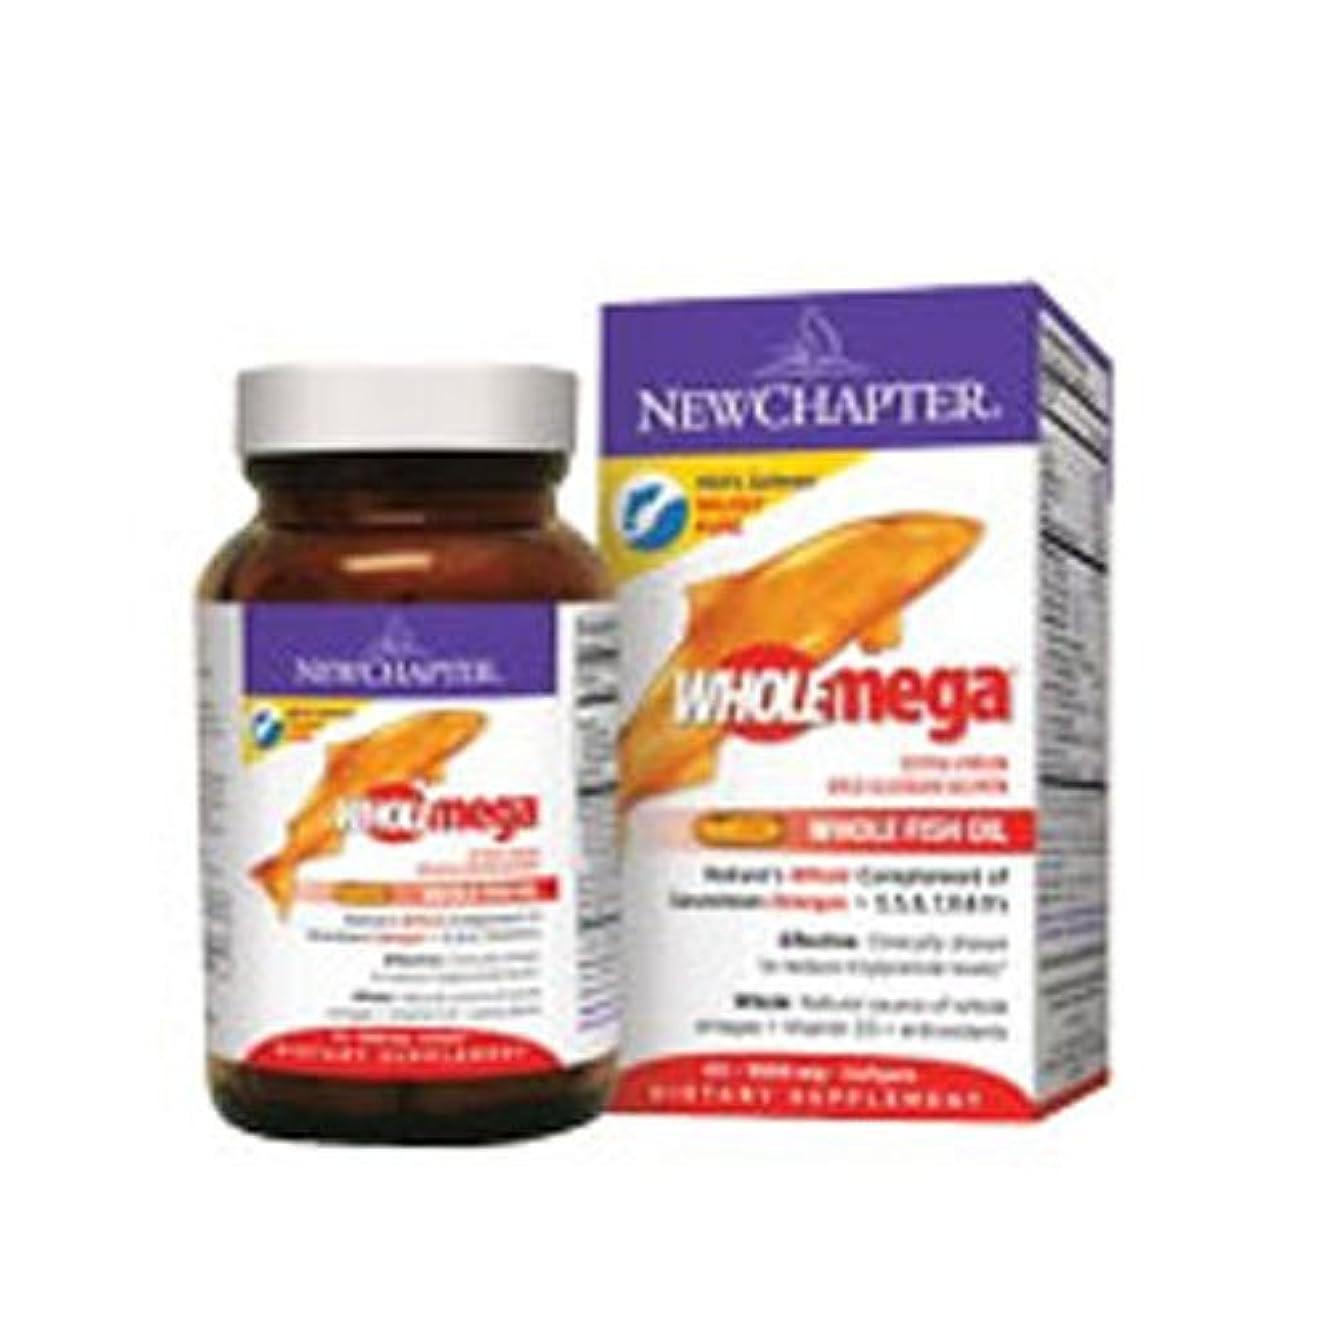 契約する繊細延ばすNew Chapter Wholemega extra pure fish oil - 1000 mg, 120 softgels (Multi-Pack) by Wholemega Fish Oil,